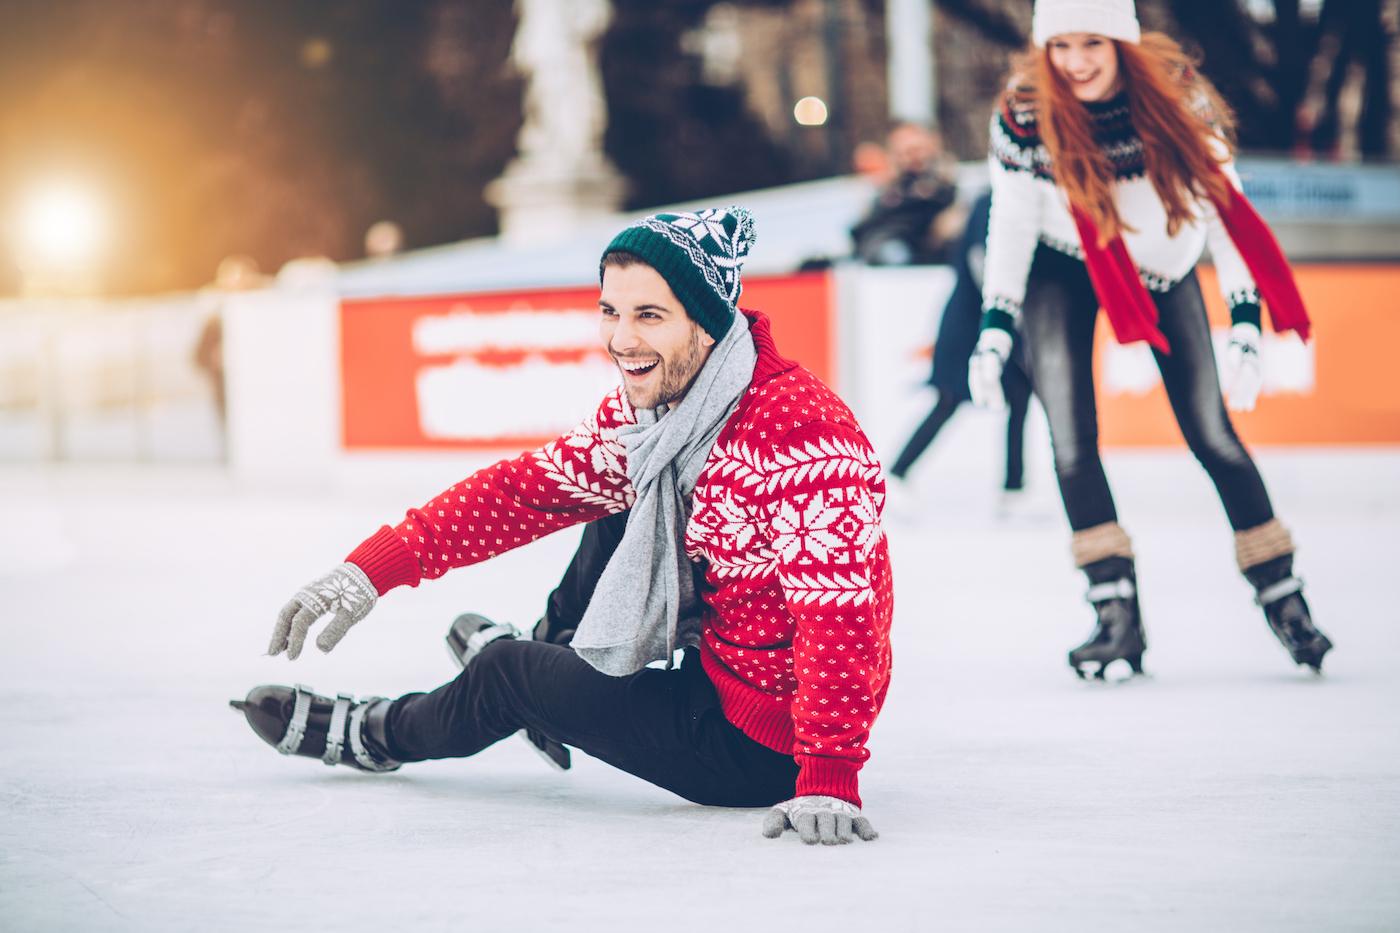 Freizeittipps für kalte Tage